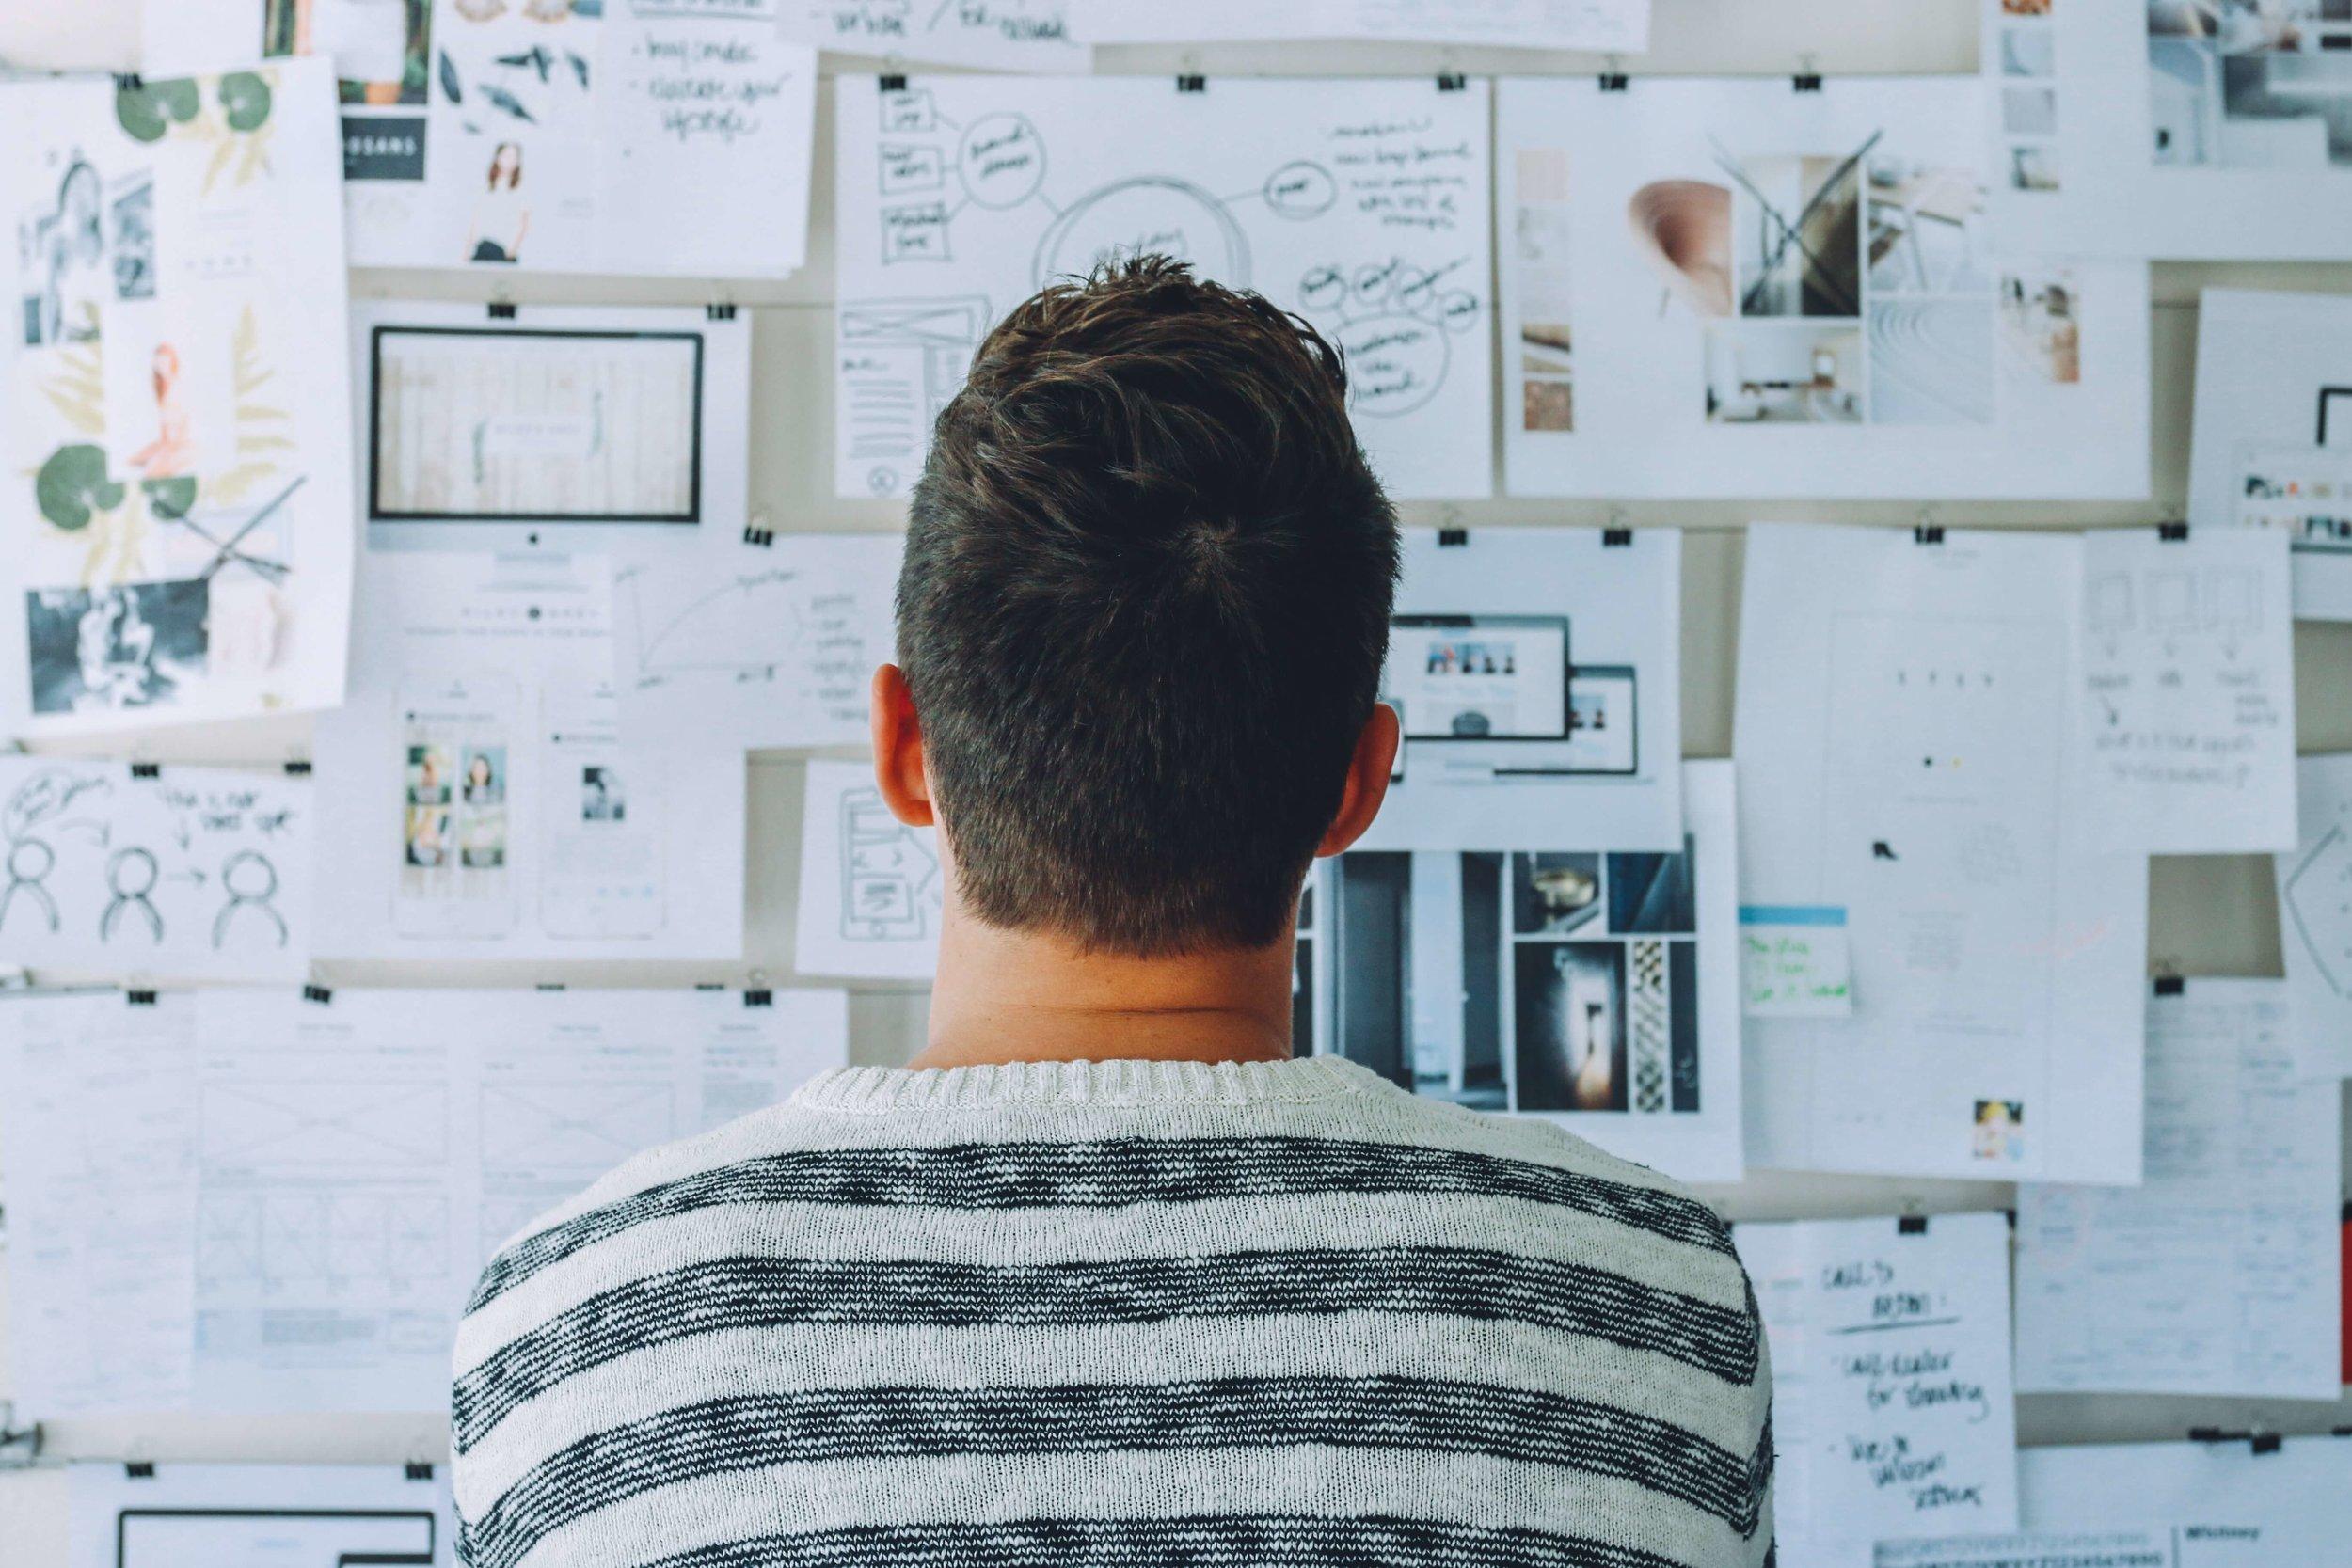 blog-food-your-thought-doelen-gewoontes-voornemen-hoe-maak-je-doel-gewoonte-3-tips